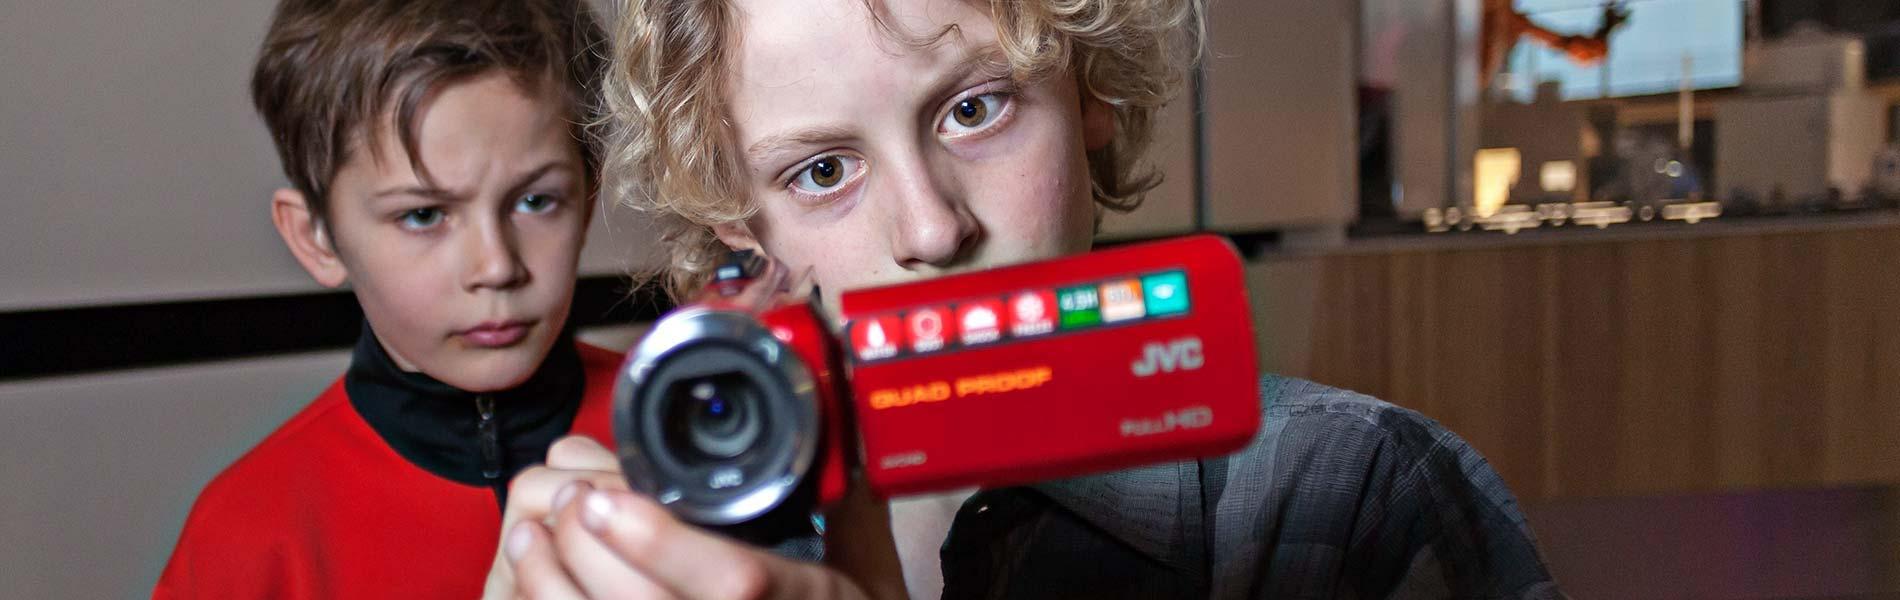 Filmverkstad tillsammans med Stockholms filmfestival